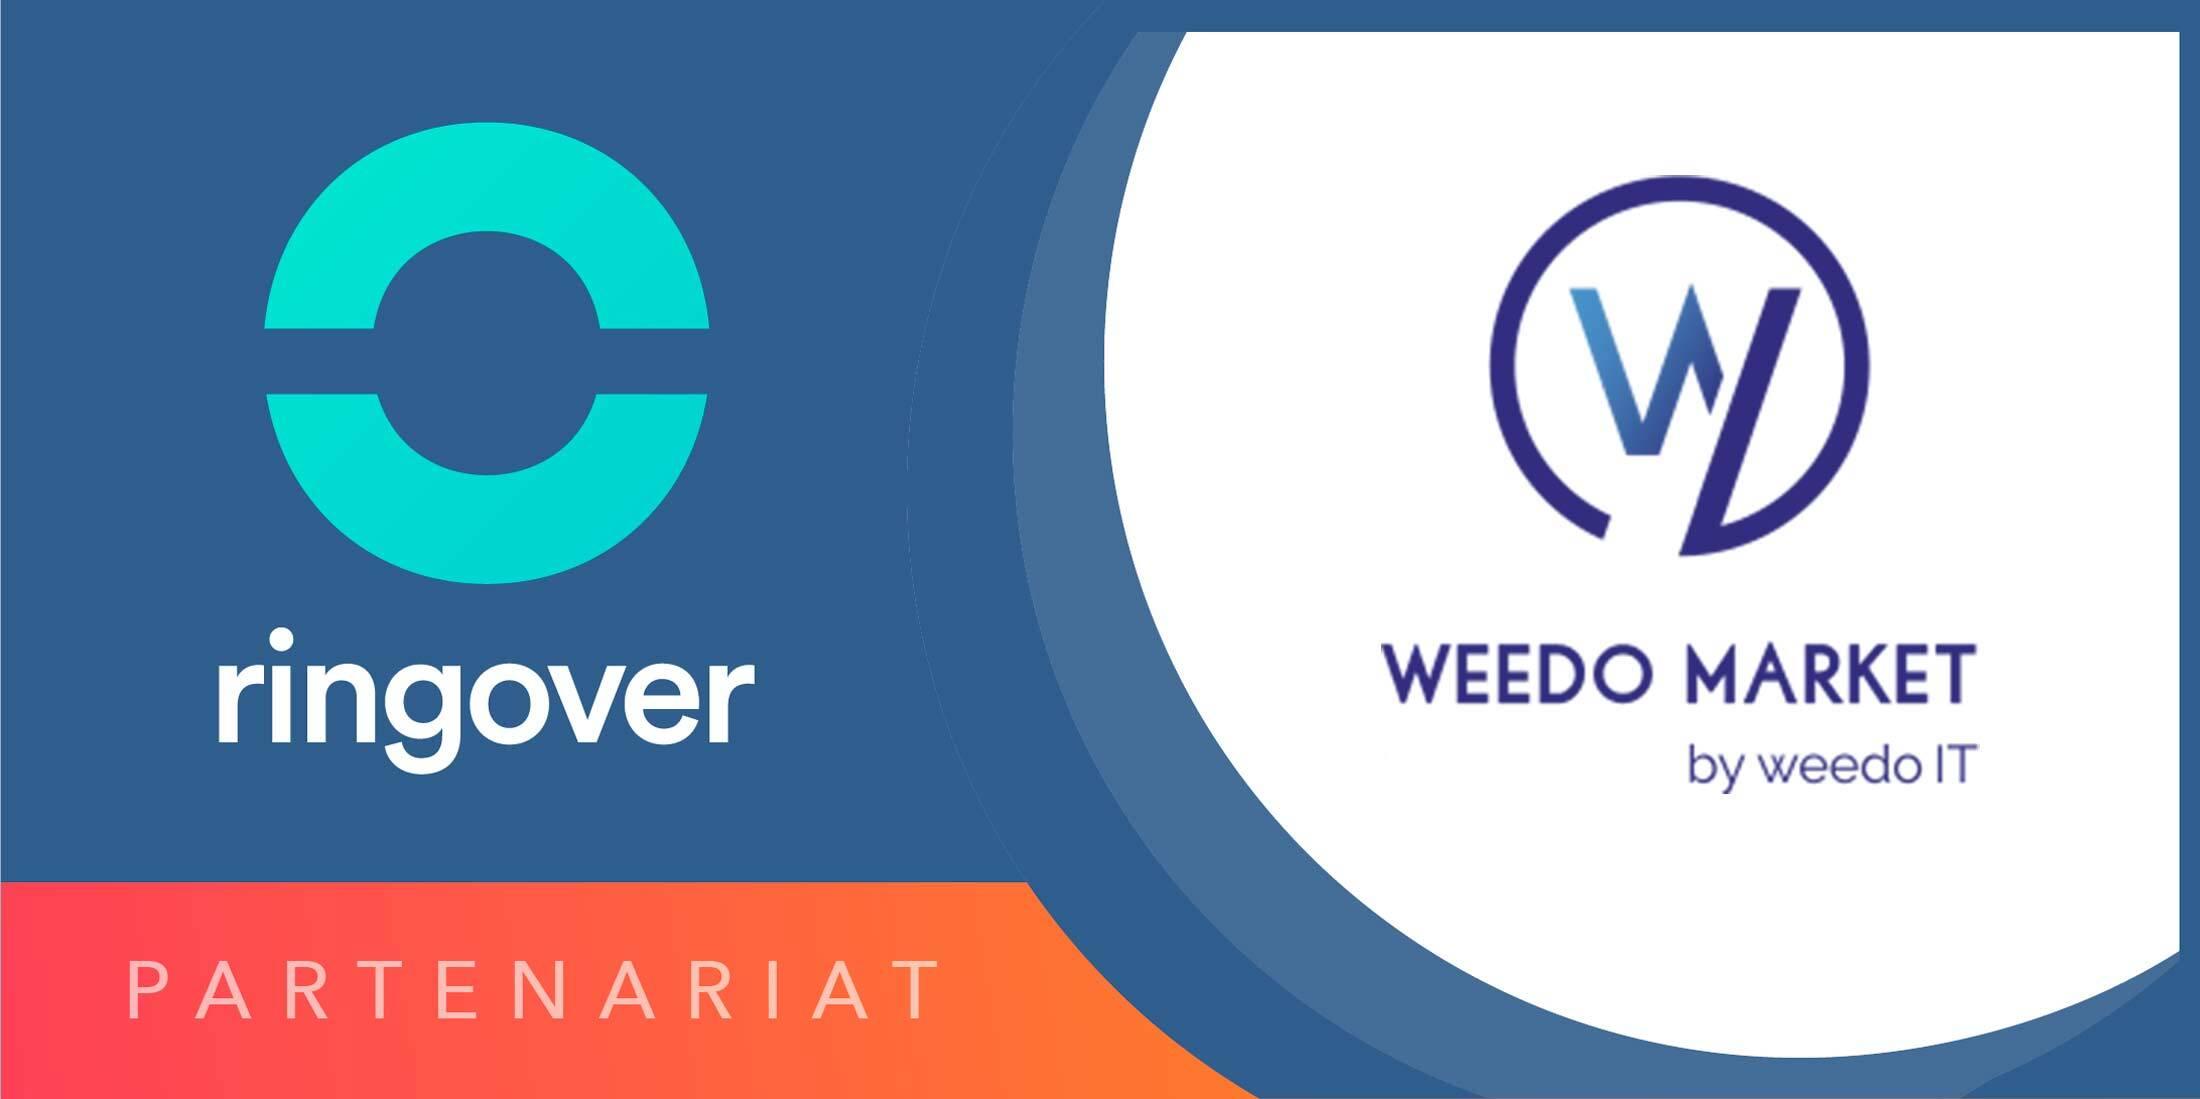 partenariat weedo market ringover